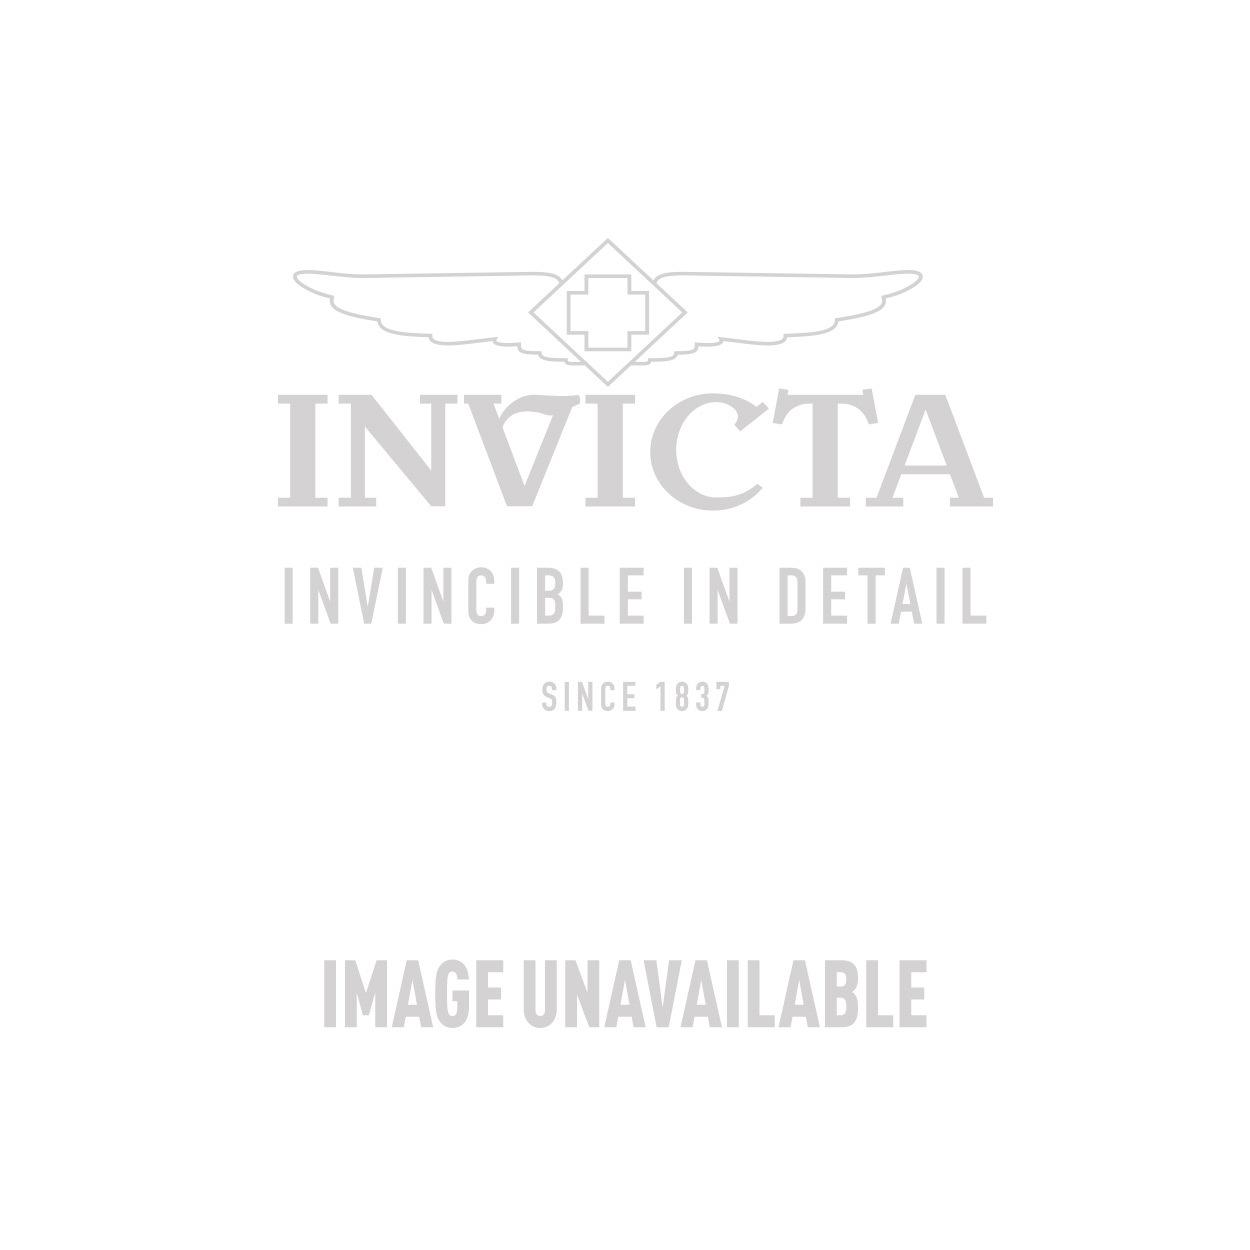 Invicta Model 24473